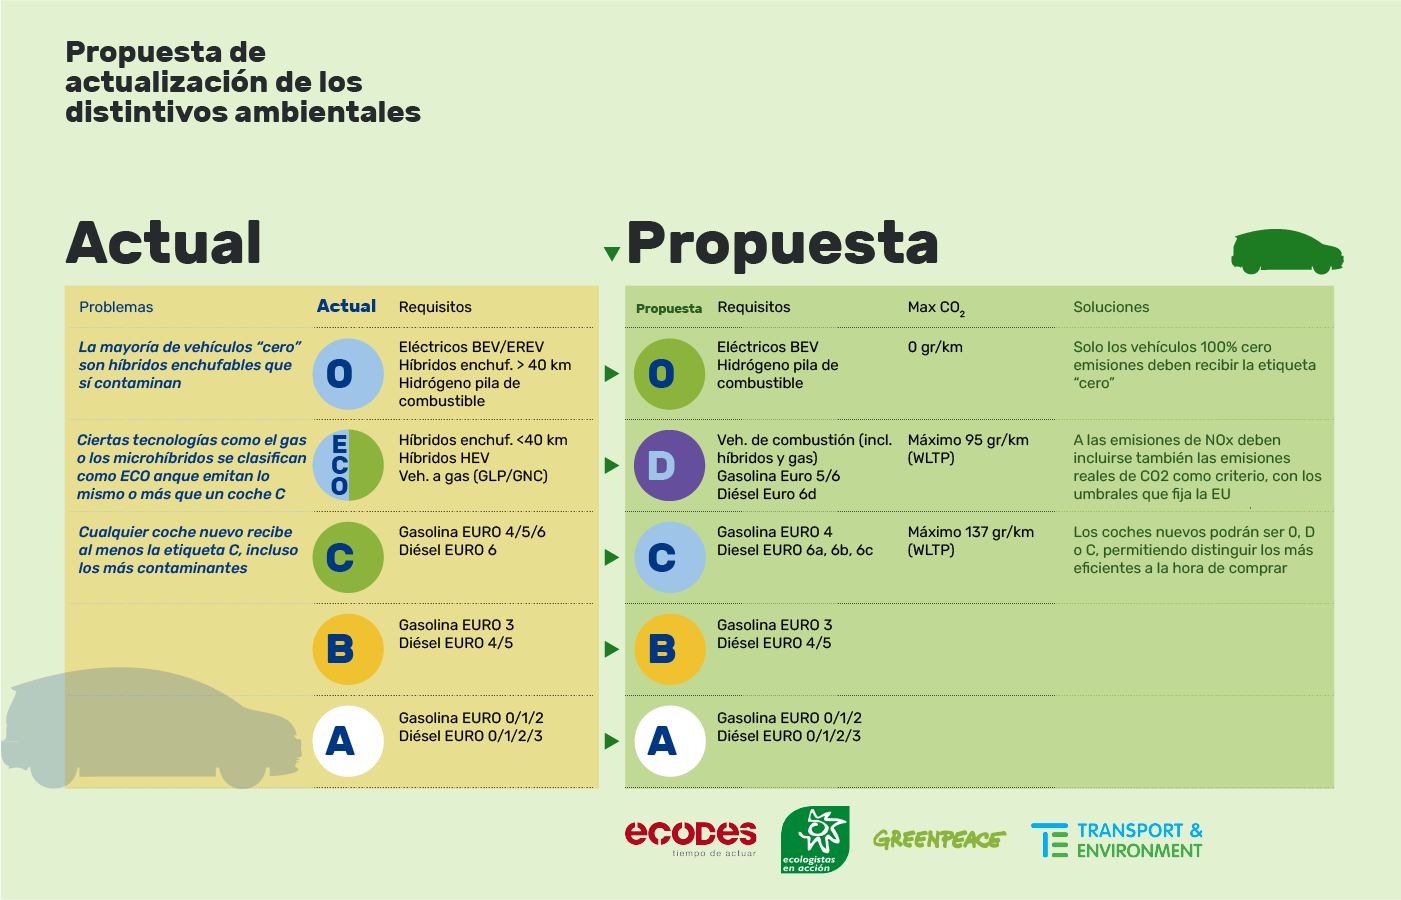 distintivo-de-la-dgt-propuesta-Ecodes-Greenpace-Transport-Environment-autoescuela-gala